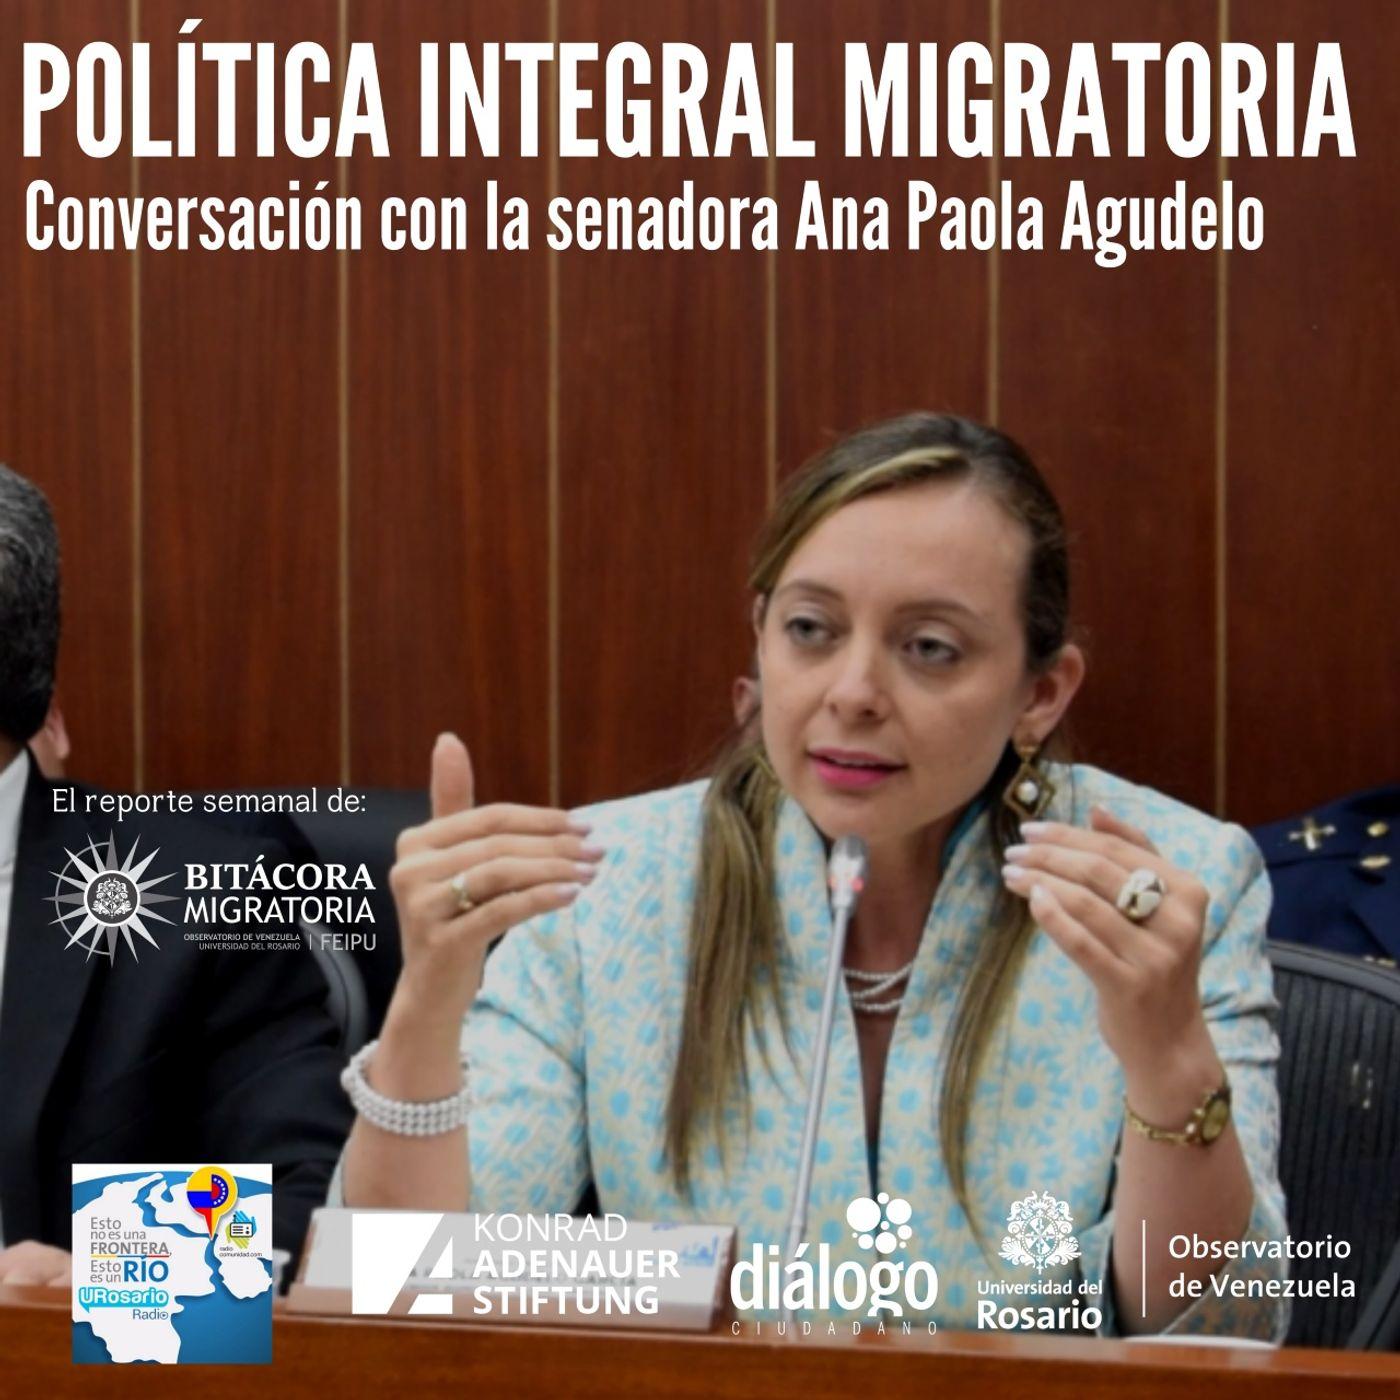 Política integral migratoria, conversación con la senadora Ana Paola Agudelo